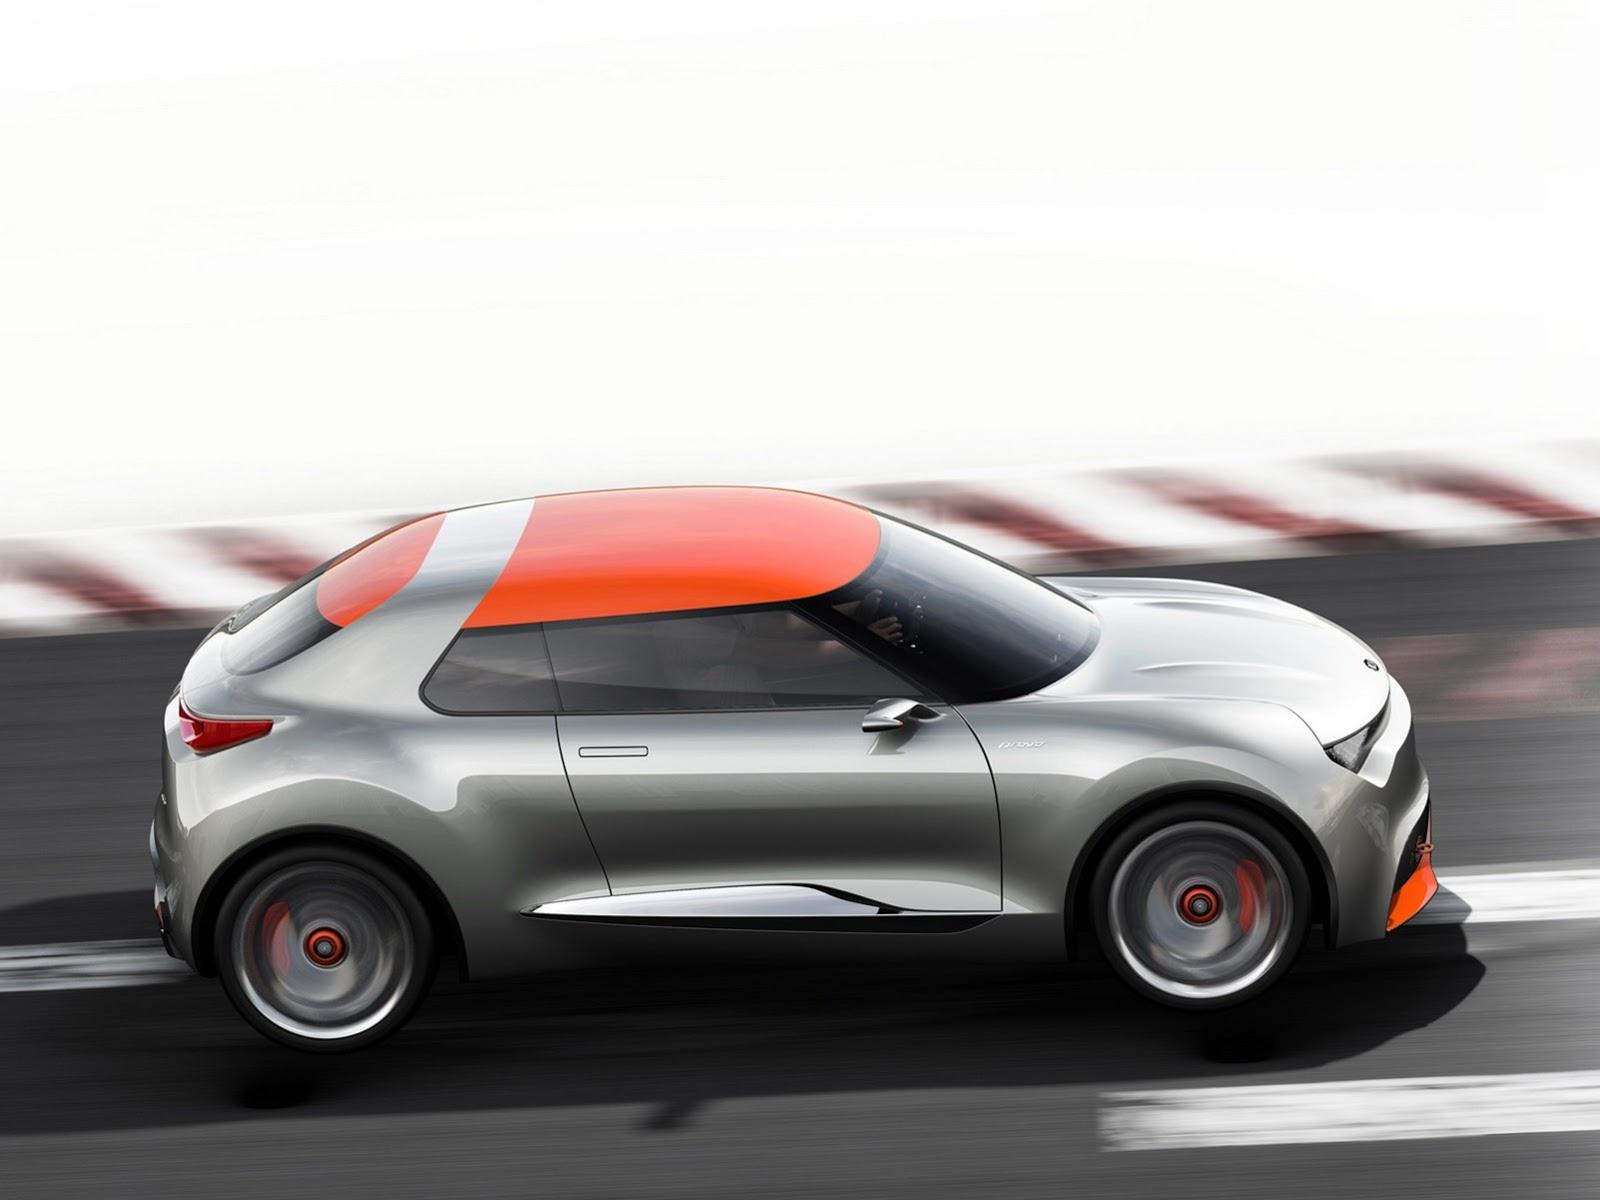 http://1.bp.blogspot.com/-P0nrO4O0knw/UTJ5kidSA9I/AAAAAAAASPg/aF0EegPGy-4/s1600/Kia-Urban-Concept-9%5B2%5D.jpg